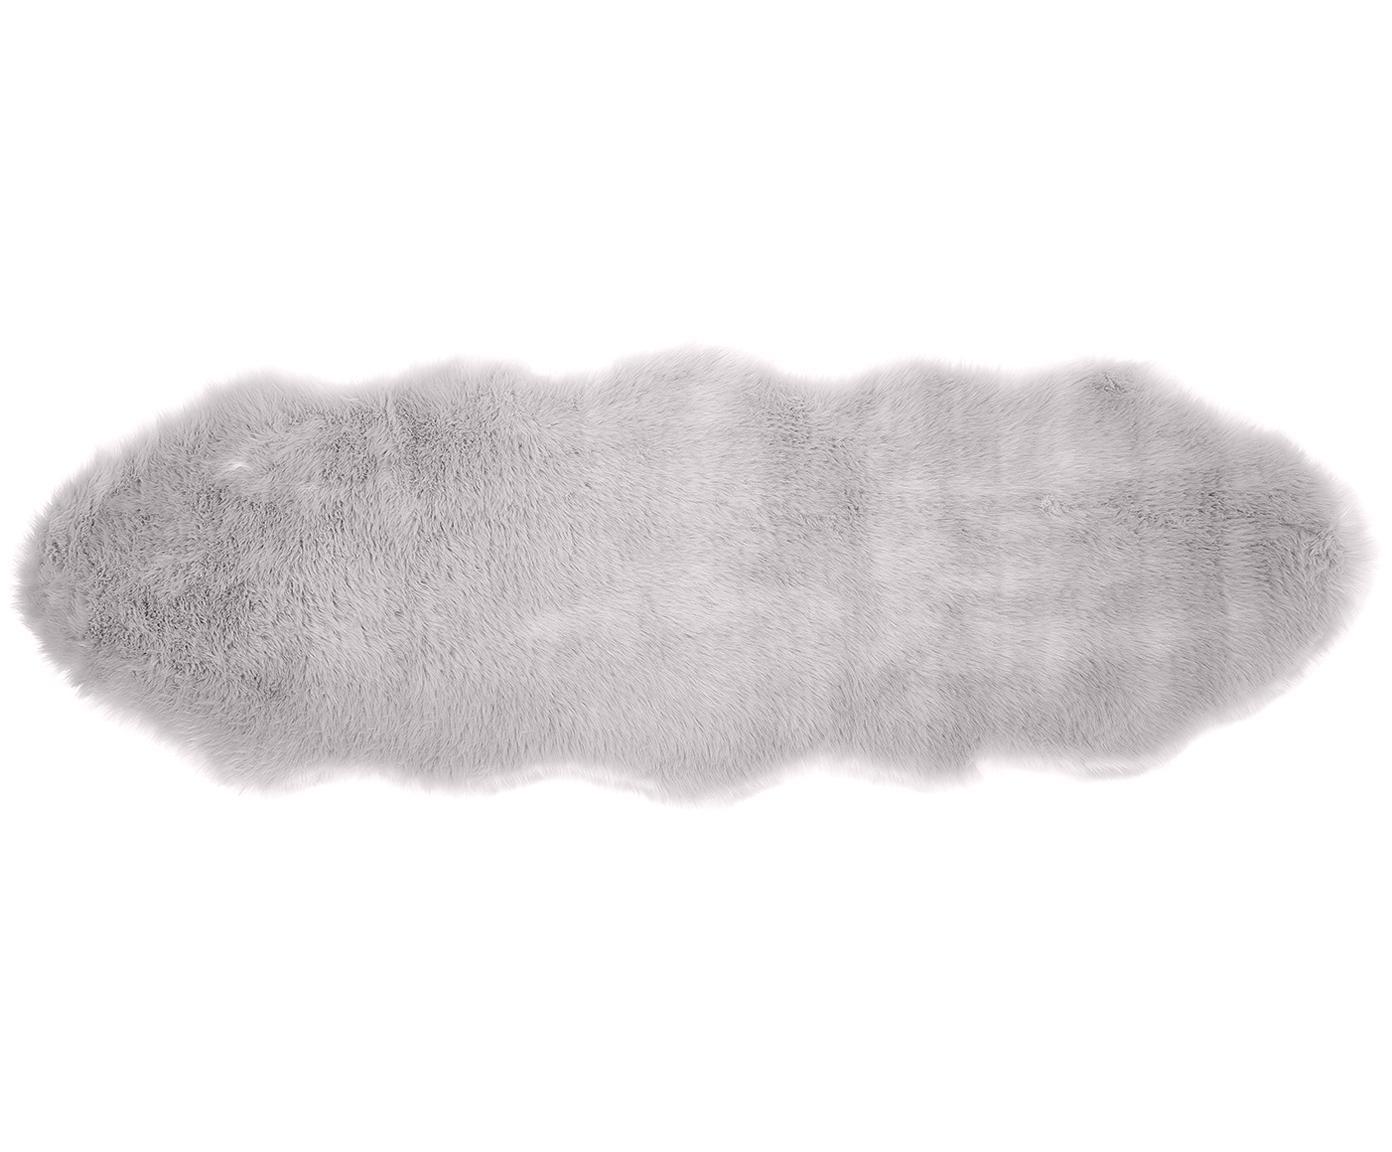 Tappeto in ecopelliccia liscia Mathilde, Retro: 100% poliestere, Grigio chiaro, Larg. 60 x Lung. 180 cm